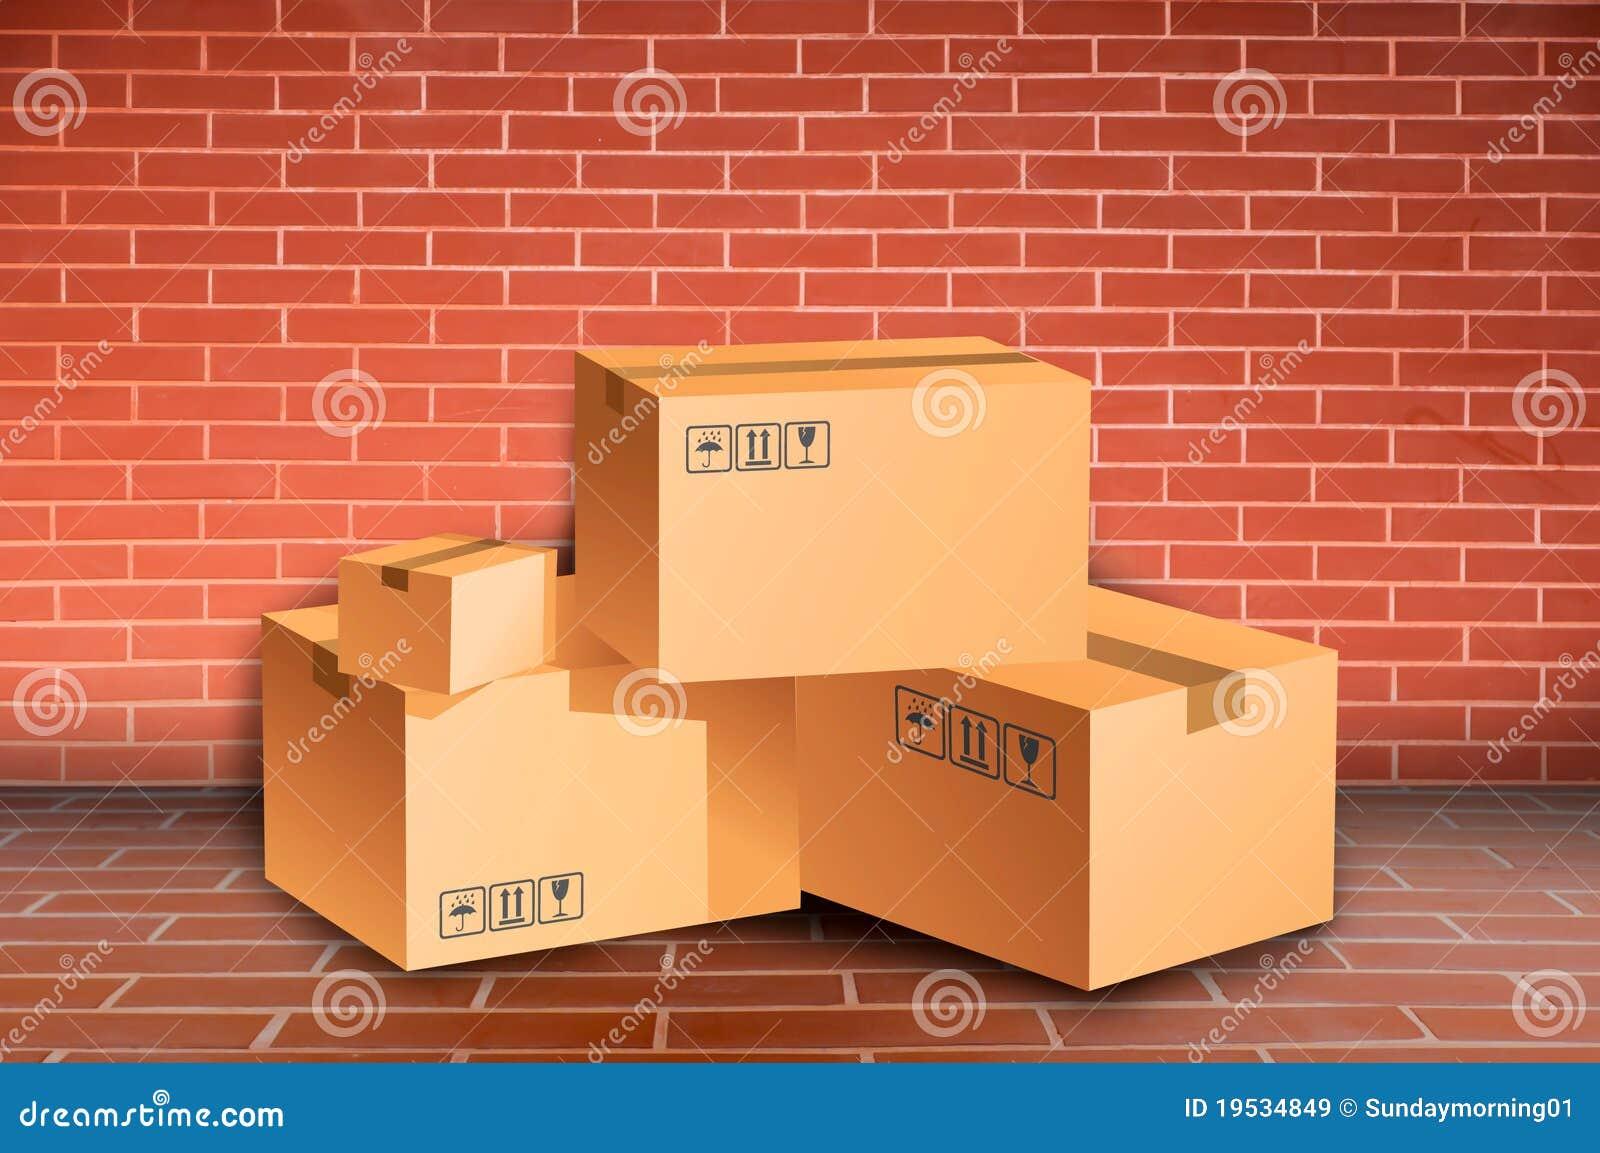 кладет кирпичную стену в коробку